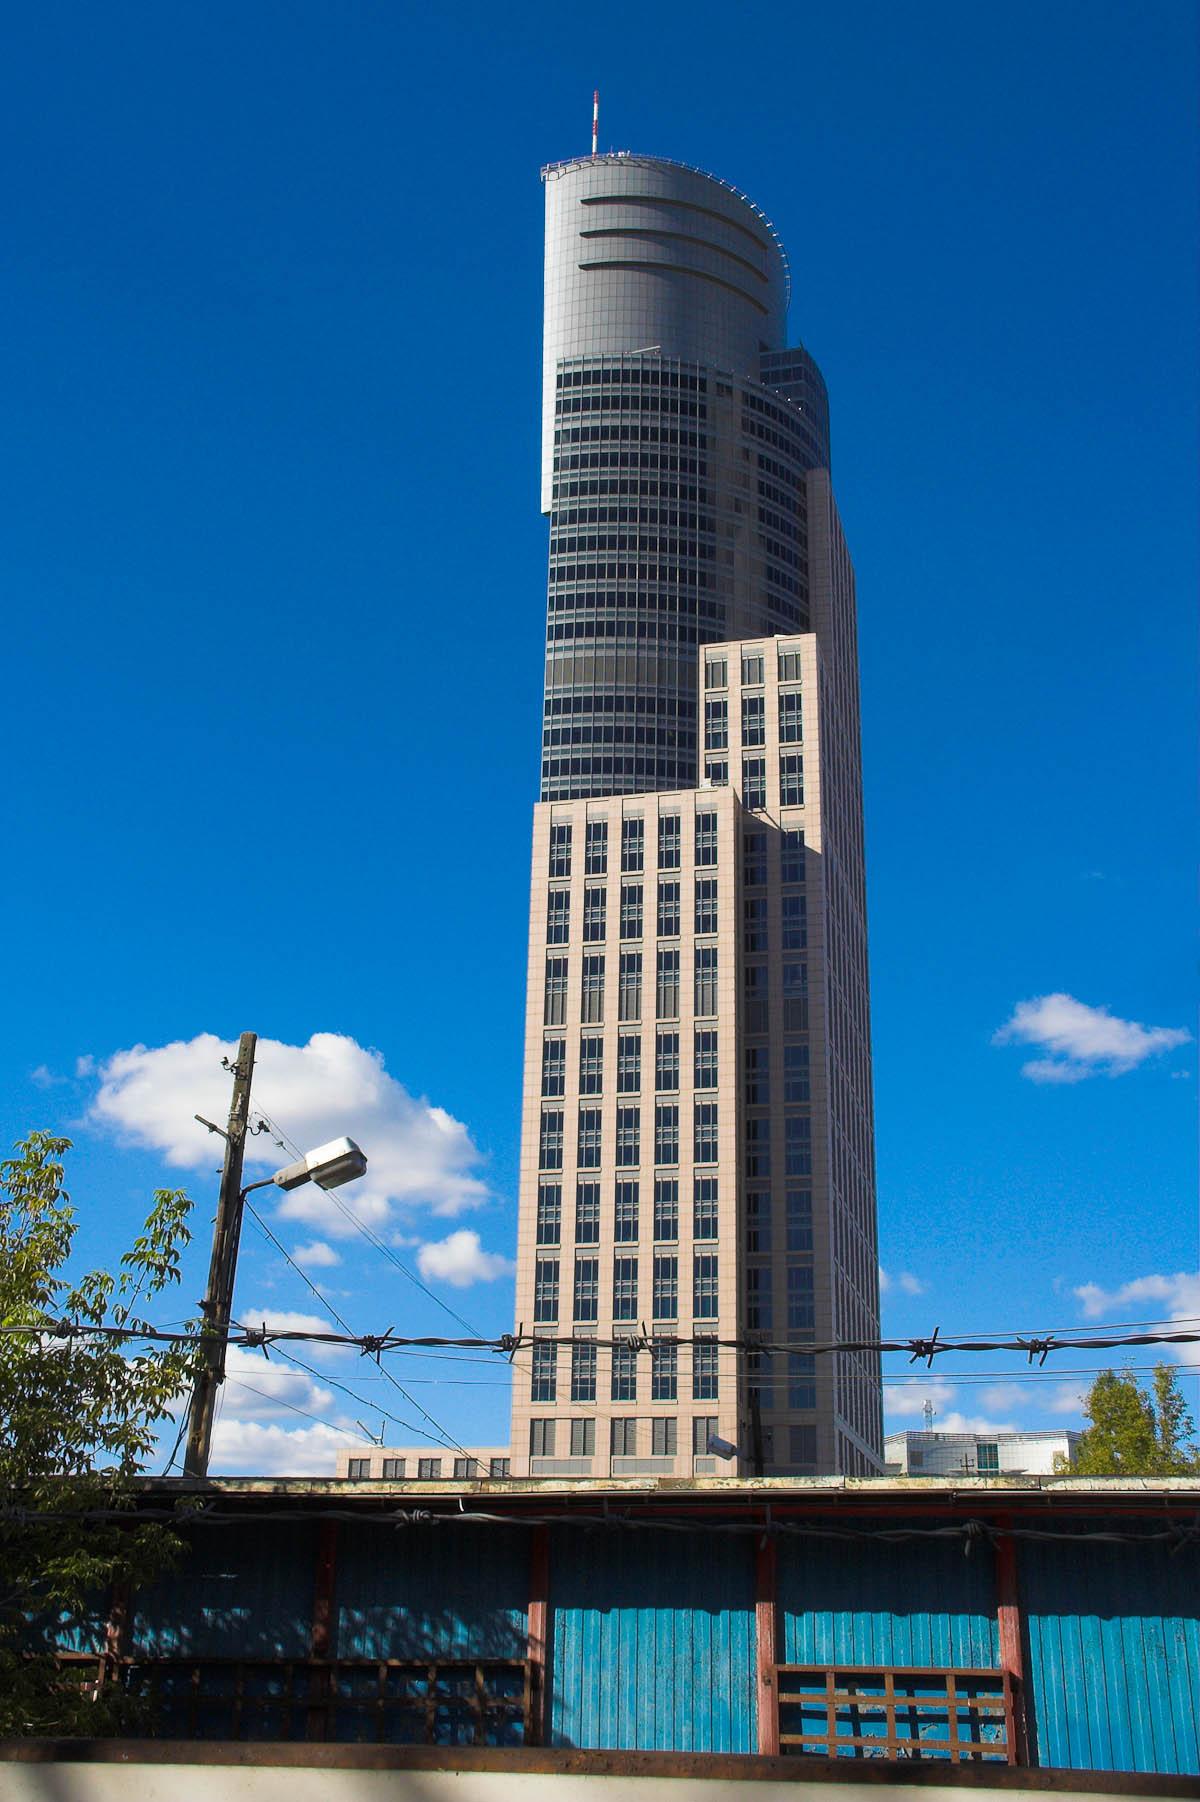 Warsaw Trade Tower in Warschau